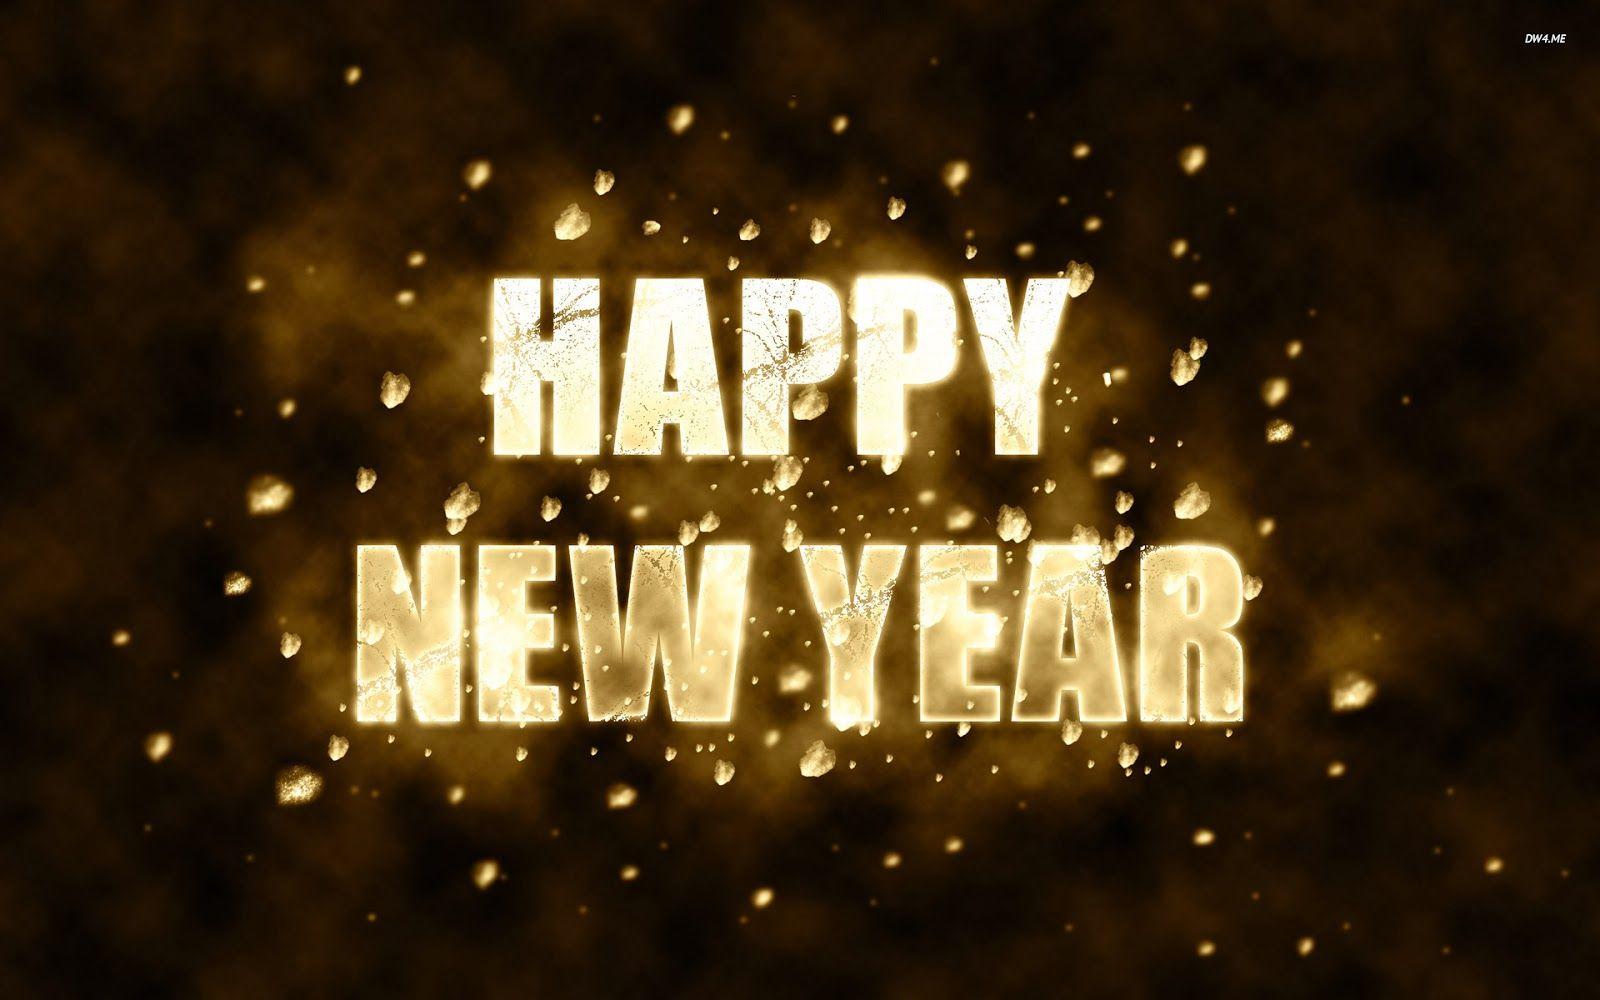 Pin By Happy New Year 2019 On Happynewyear2019 Happy New Year Wallpaper Happy New Year Photo Happy New Year Hd